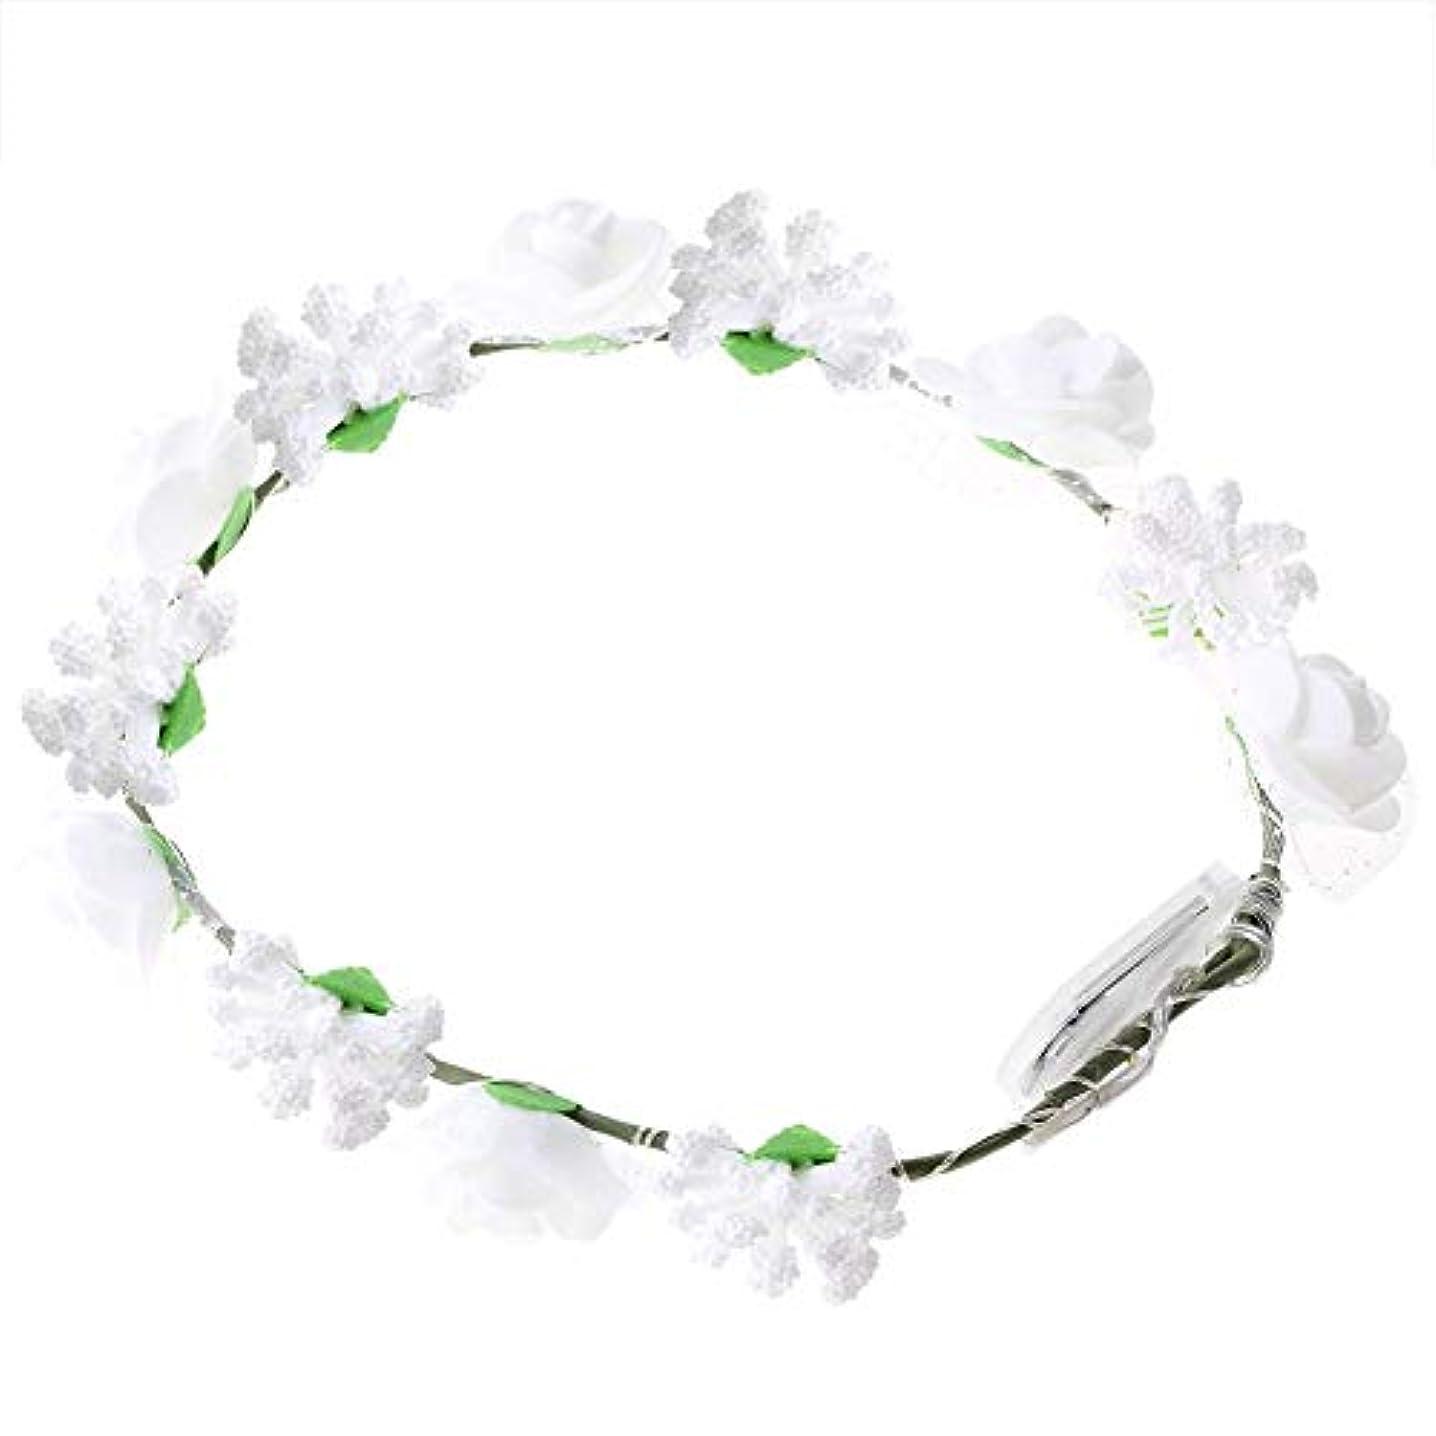 緊張規範代わりにを立てるSemme LEDの花の王冠、照明髪の花輪耐久性のあるLEDローズ花ライト妖精照明髪の花輪ライトアップ花の冠(White)